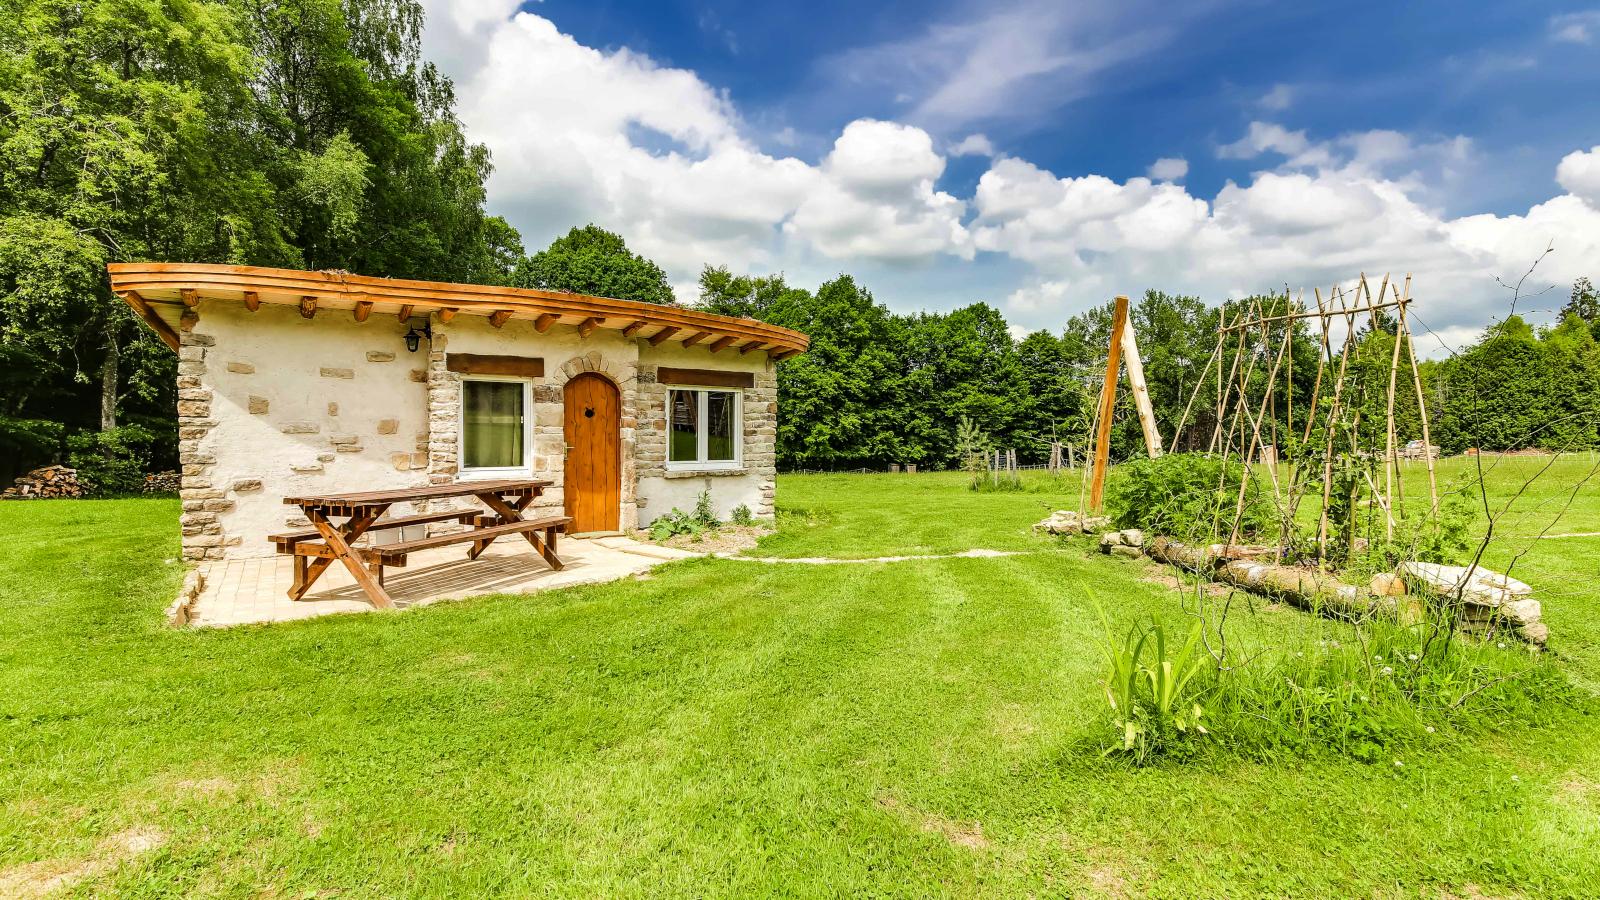 La cabane en pierre de la clairière du Verbamont à Claudon.